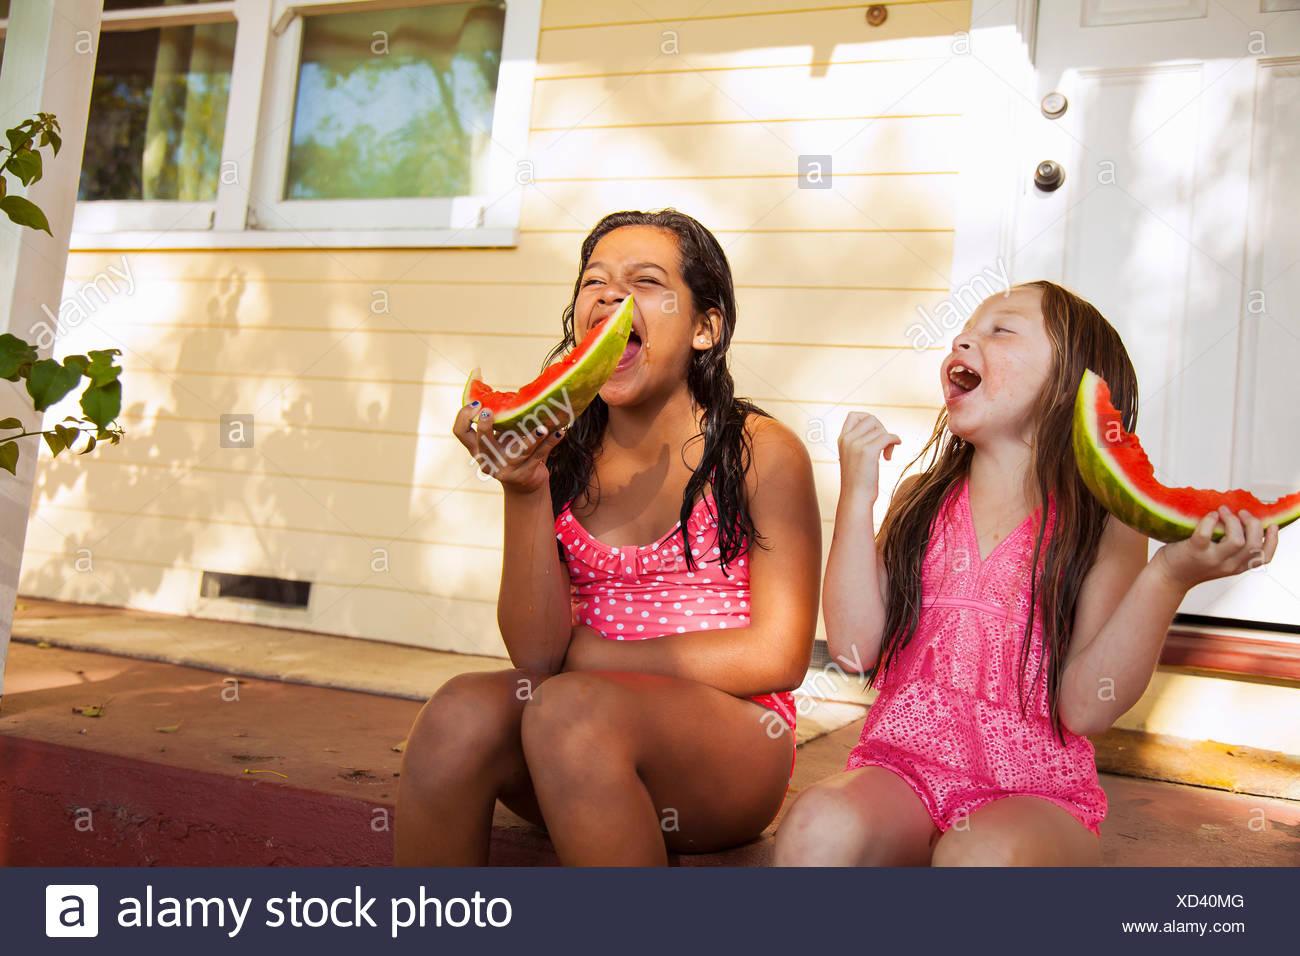 Dos niñas riendo sentados en casa porche con rebanadas de sandía Imagen De Stock